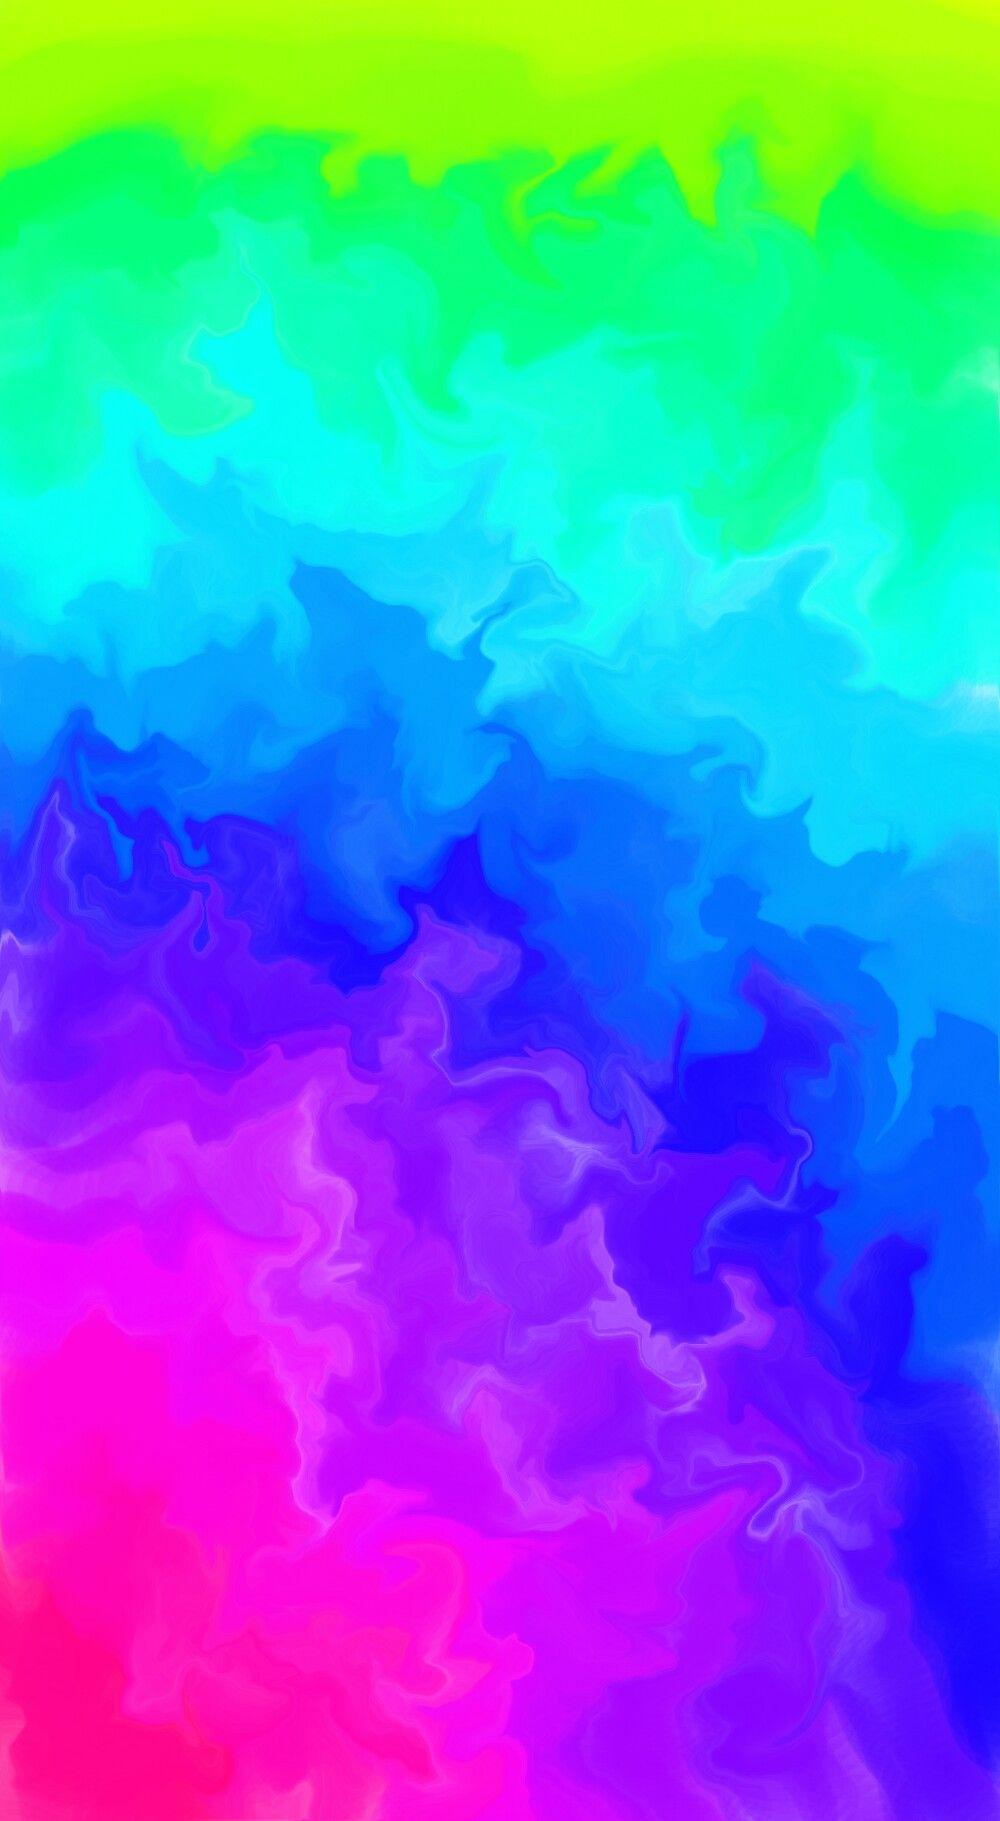 aesthetic vaporwave lofihiphop chillhop trap rap youtub